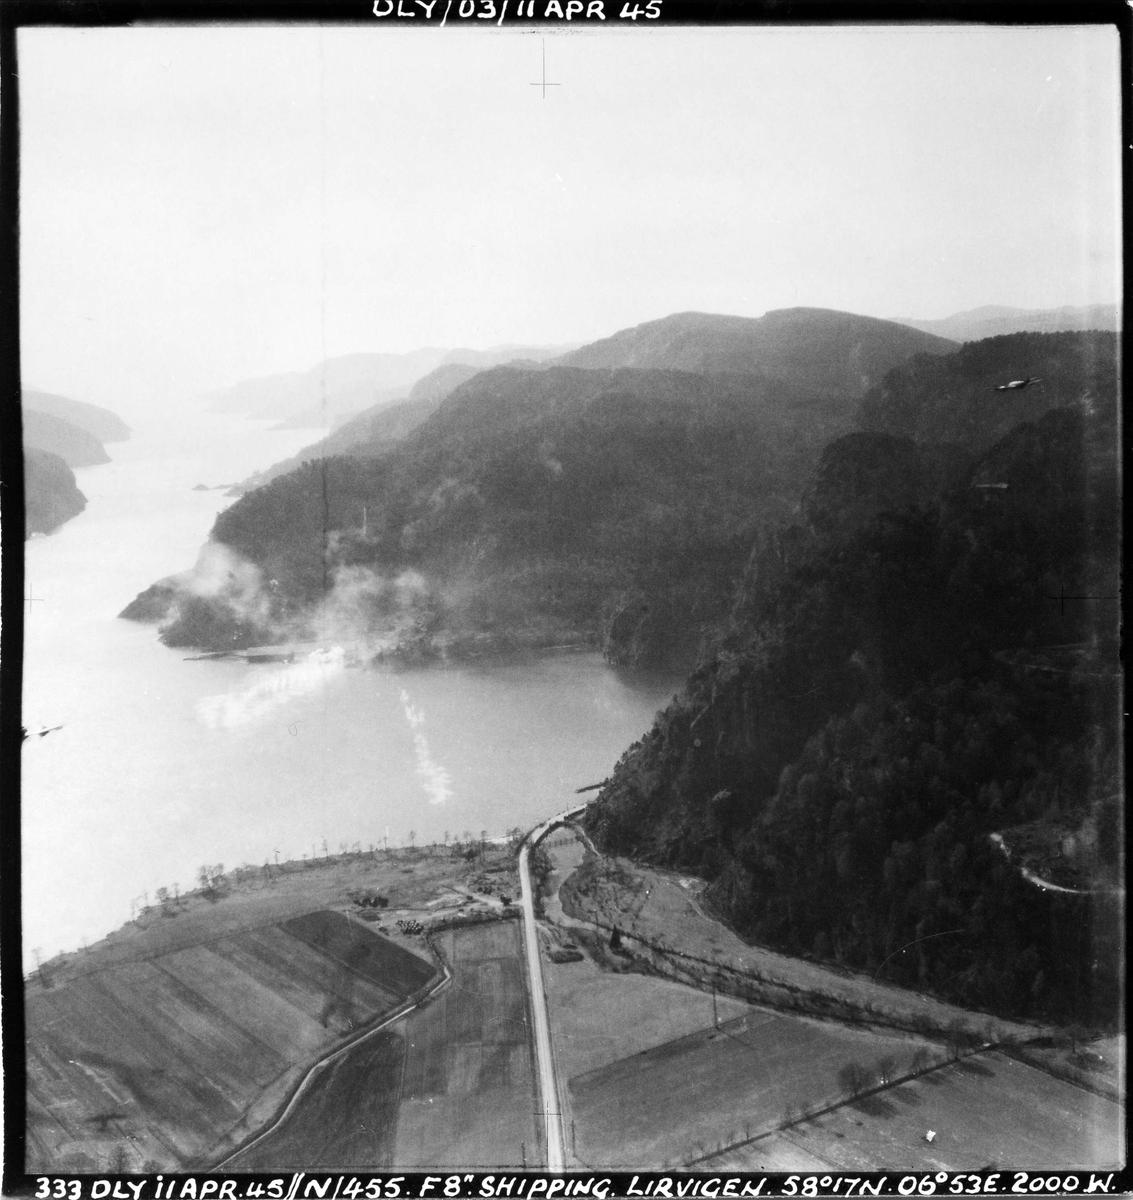 455 skvadronen angriper fiendtlig skip i en norsk fjord, 11. april 1945.